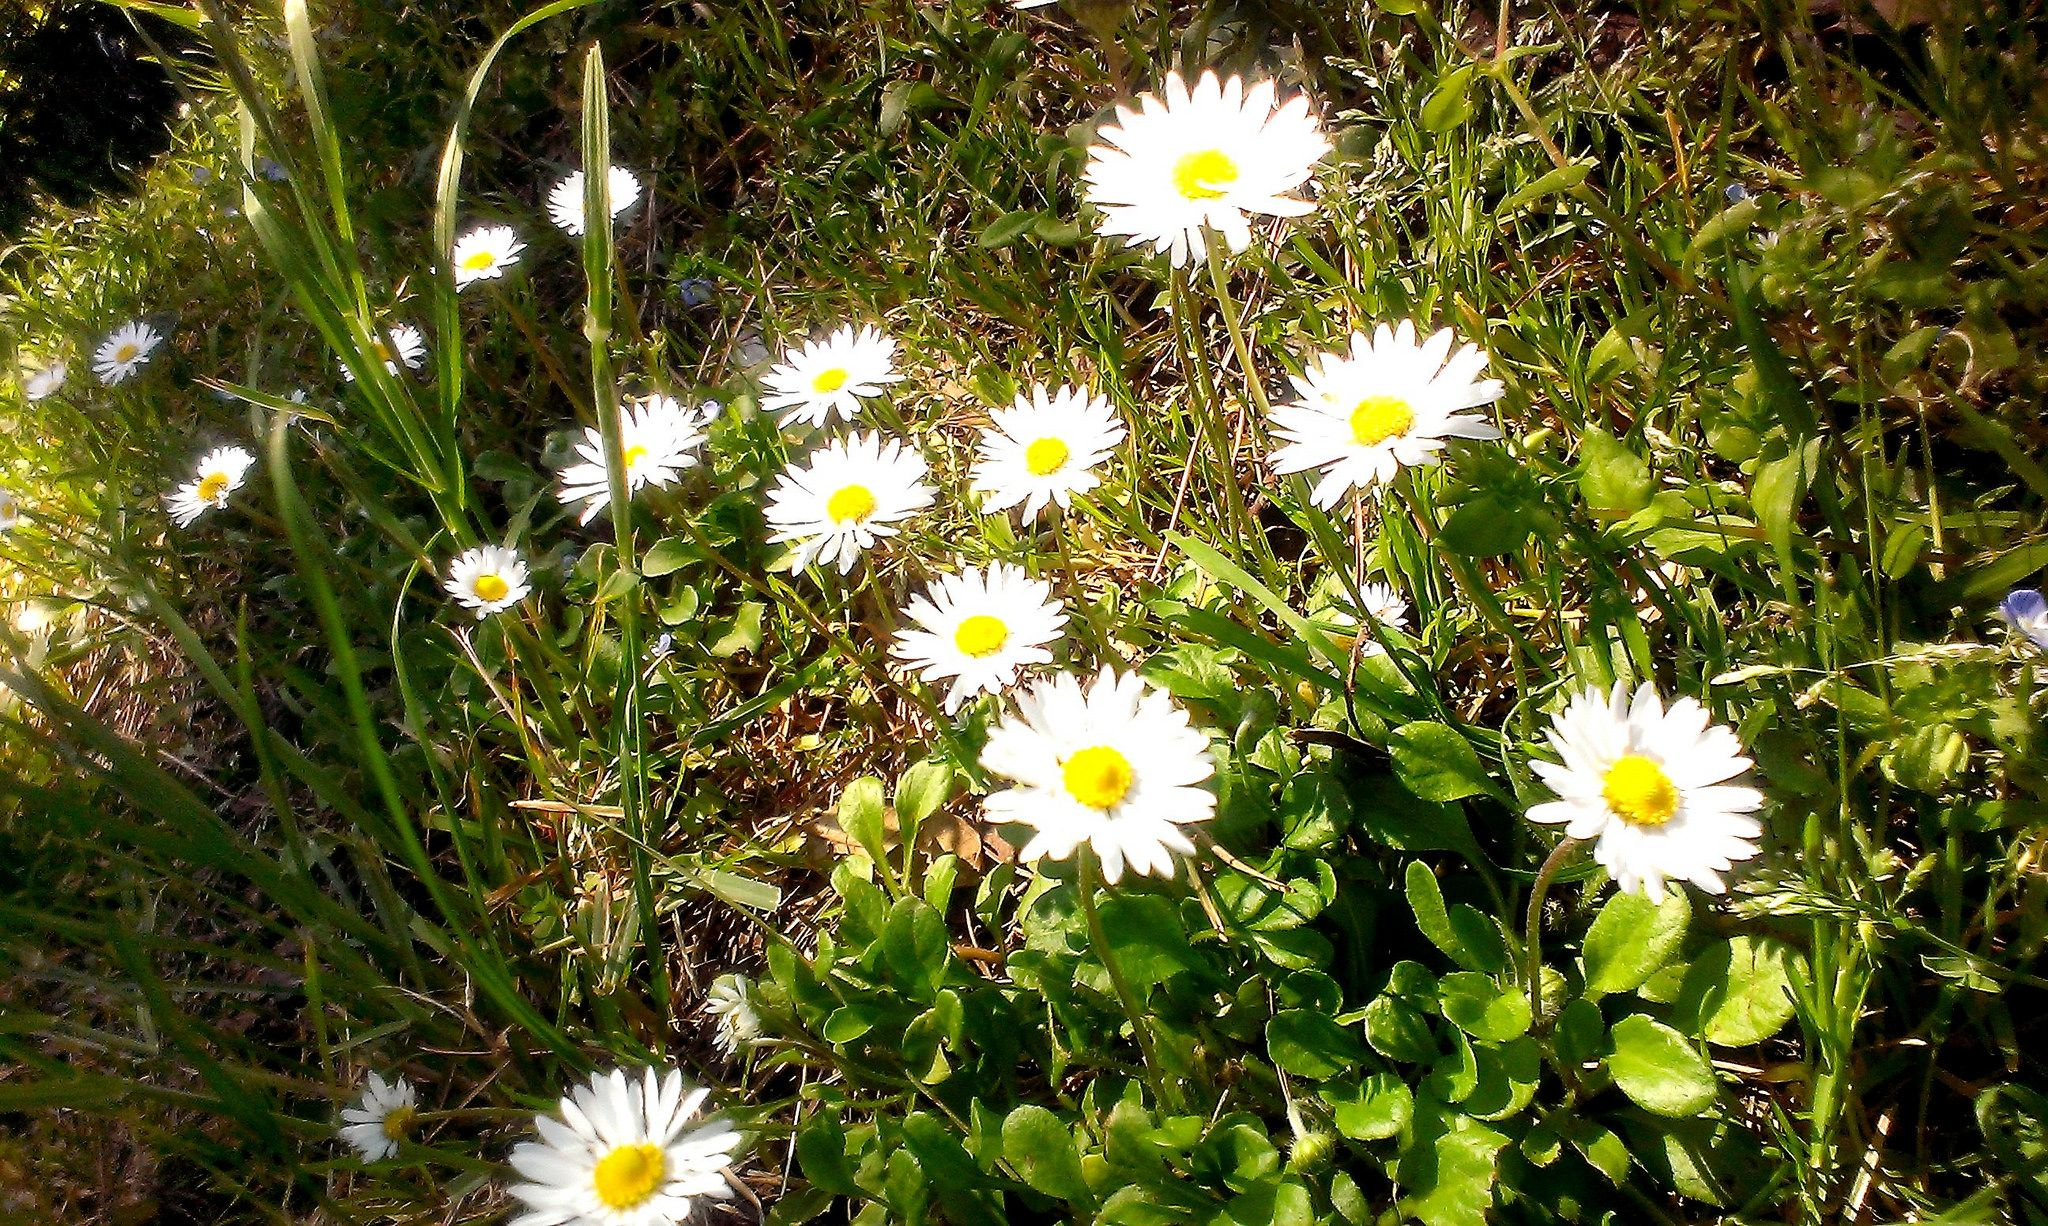 https://flic.kr/p/sjJ7A6 | #Primo #pomeriggio #margherite #fiorite sulla Napoli-Canosa #aprile #primavera #natura #fiori #colori